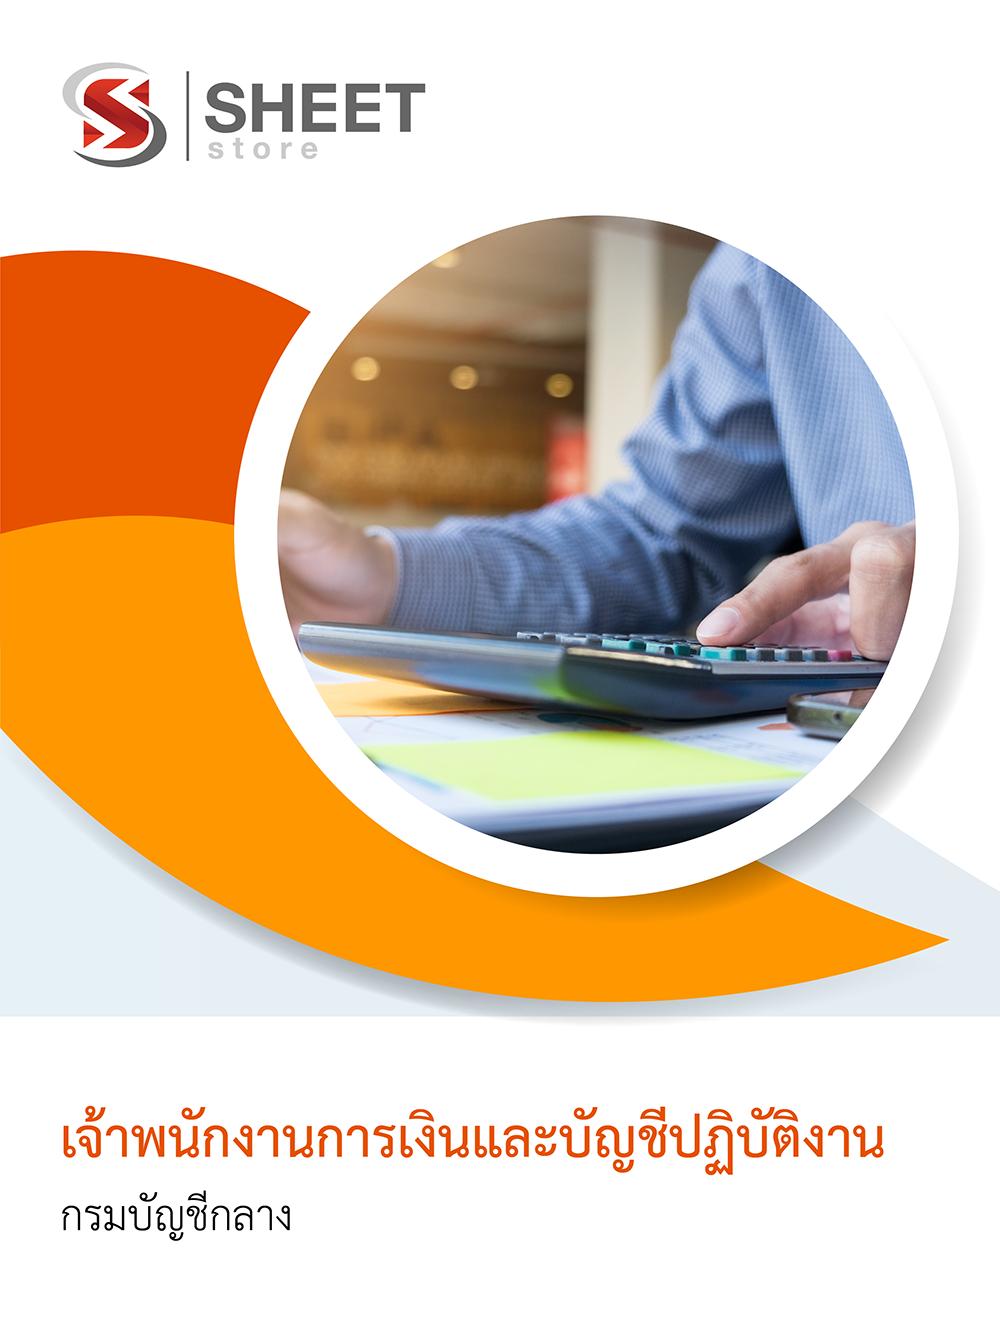 แนวข้อสอบ เจ้าพนักงานการเงินและบัญชีปฏิบัติงาน กรมบัญชีกลาง พร้อมเฉลย